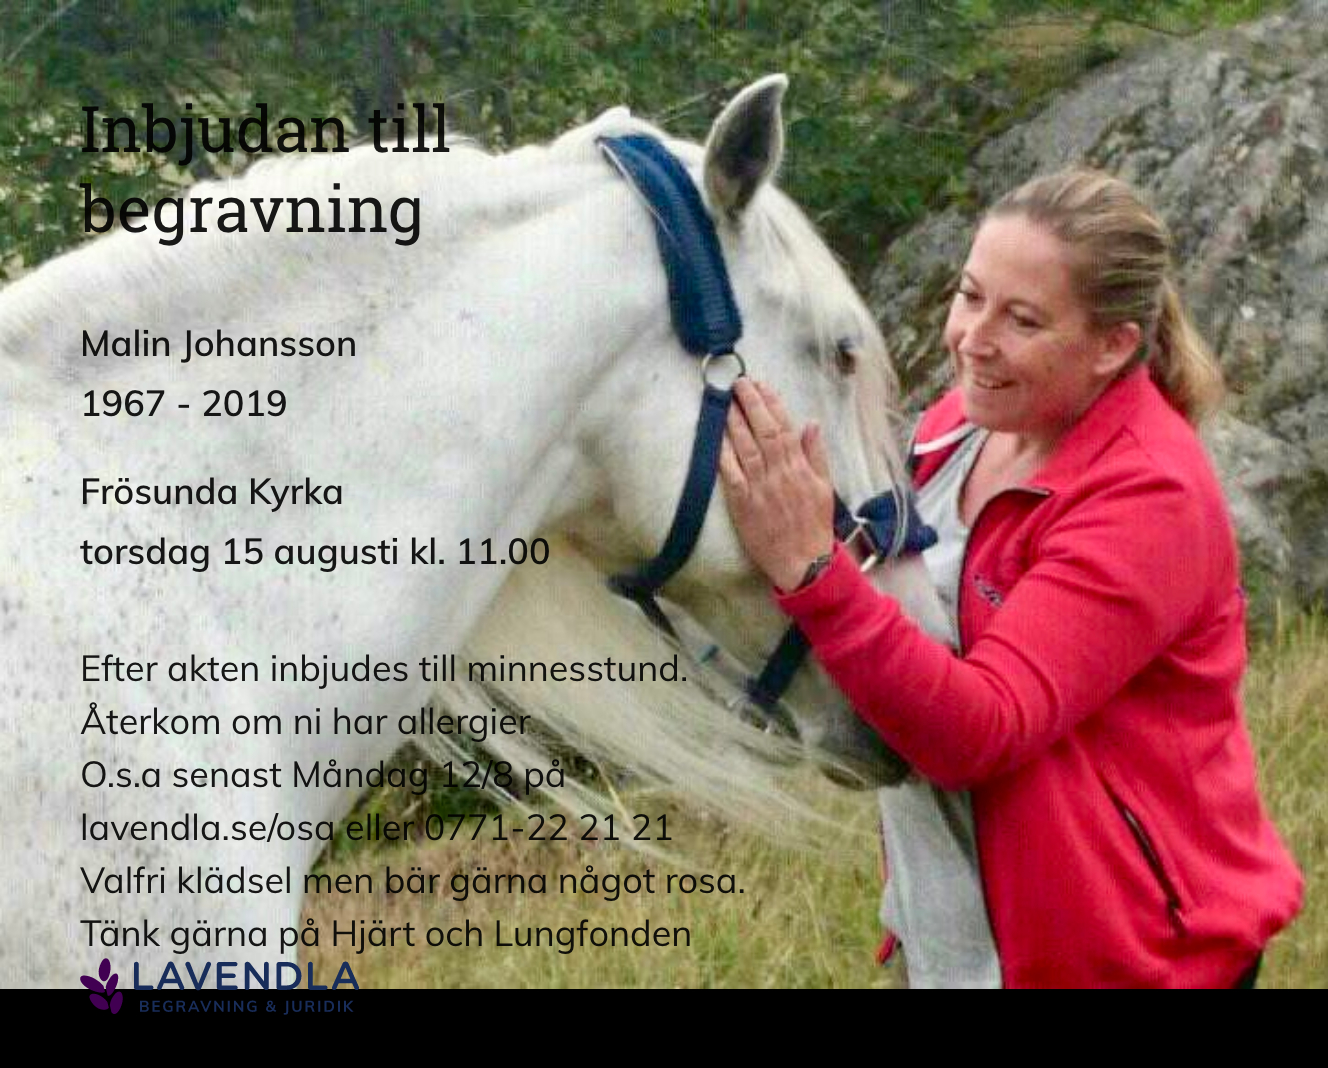 Inbjudningskort till ceremonin för Malin Johansson